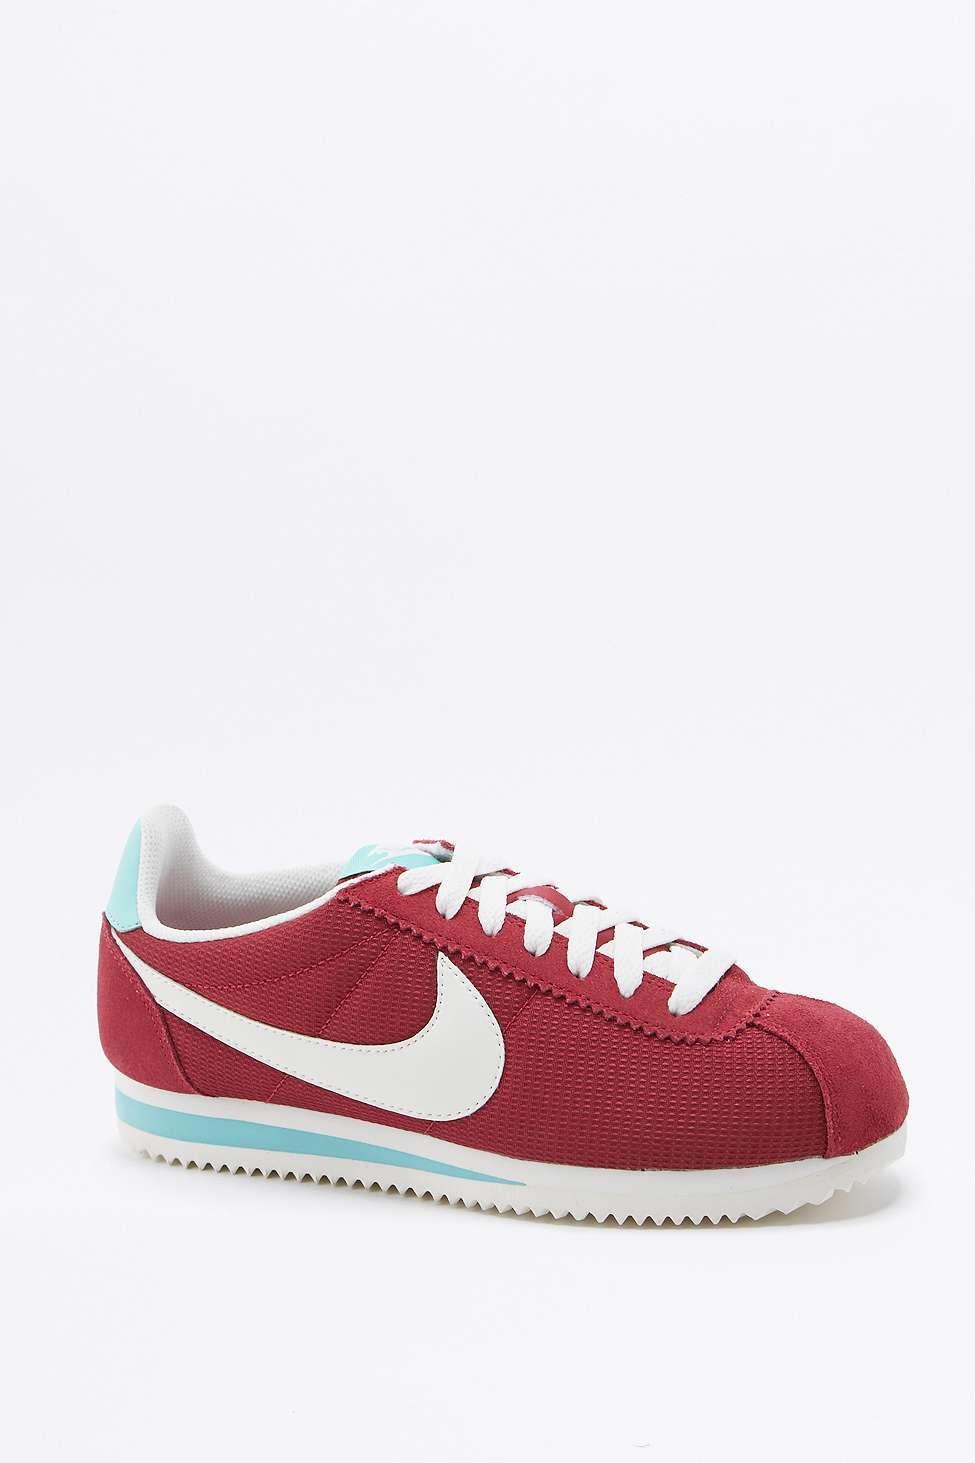 Nike Baskets classiques Cortez rouges, blanches et bleues M0DE